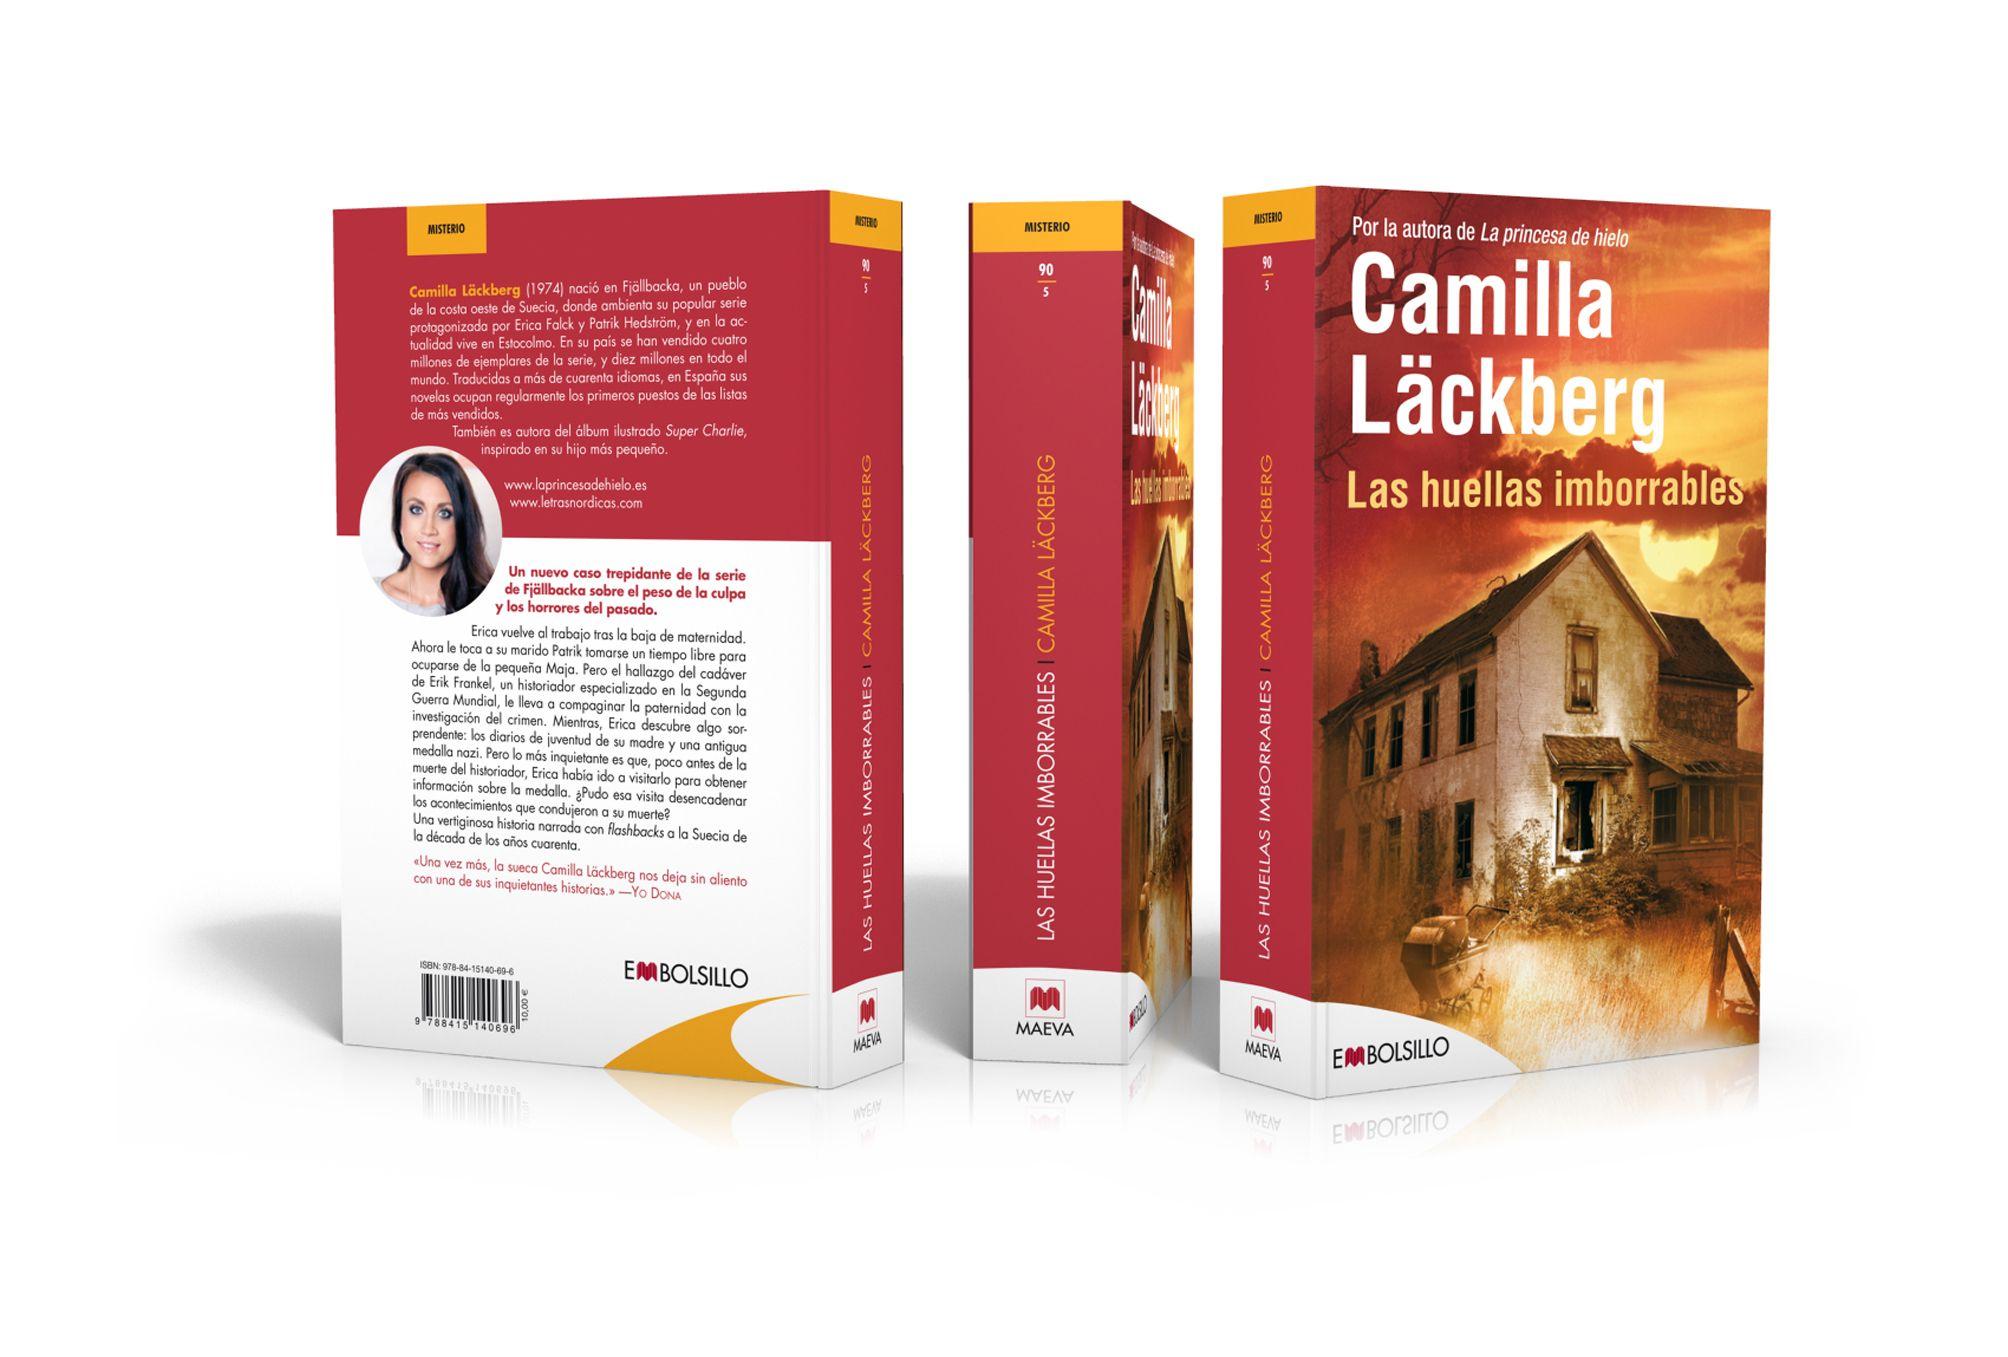 COBERTES DE LLIBRES (NARRATIVA): Segell editorial EMBOLSILLO de llibres de butxaca / Maeva Ediciones / 2007 / Disseny del logotip i de les cobertes del segell editorial